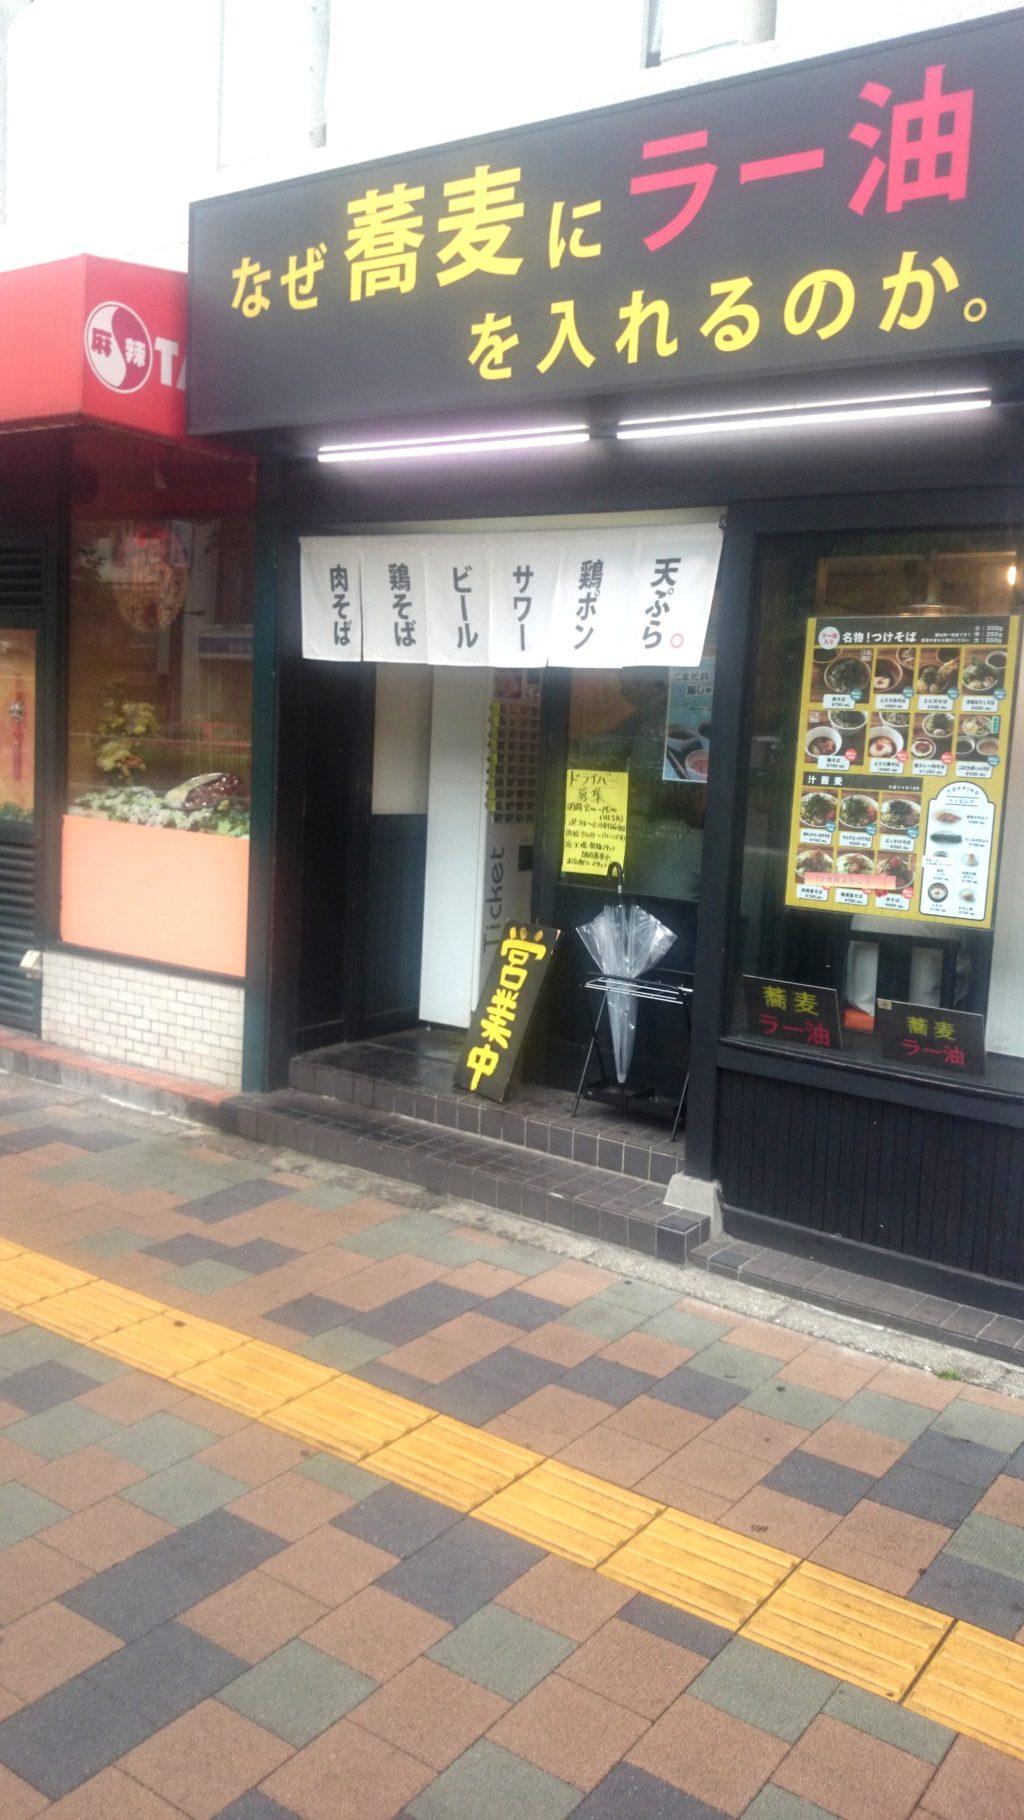 なぜ蕎麦にラー油を入れるのか。@東新宿